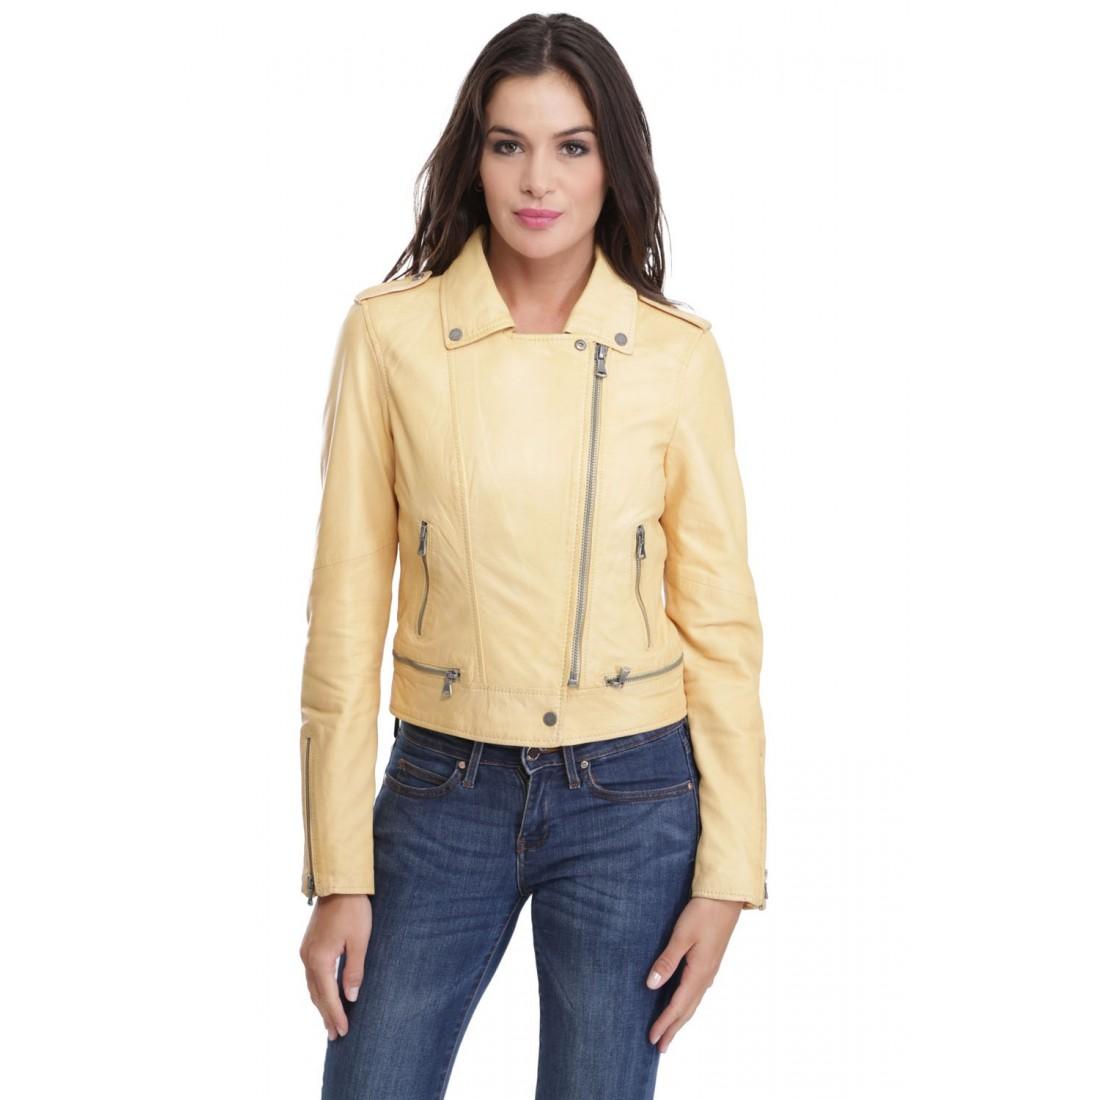 Veste beige femme bershka